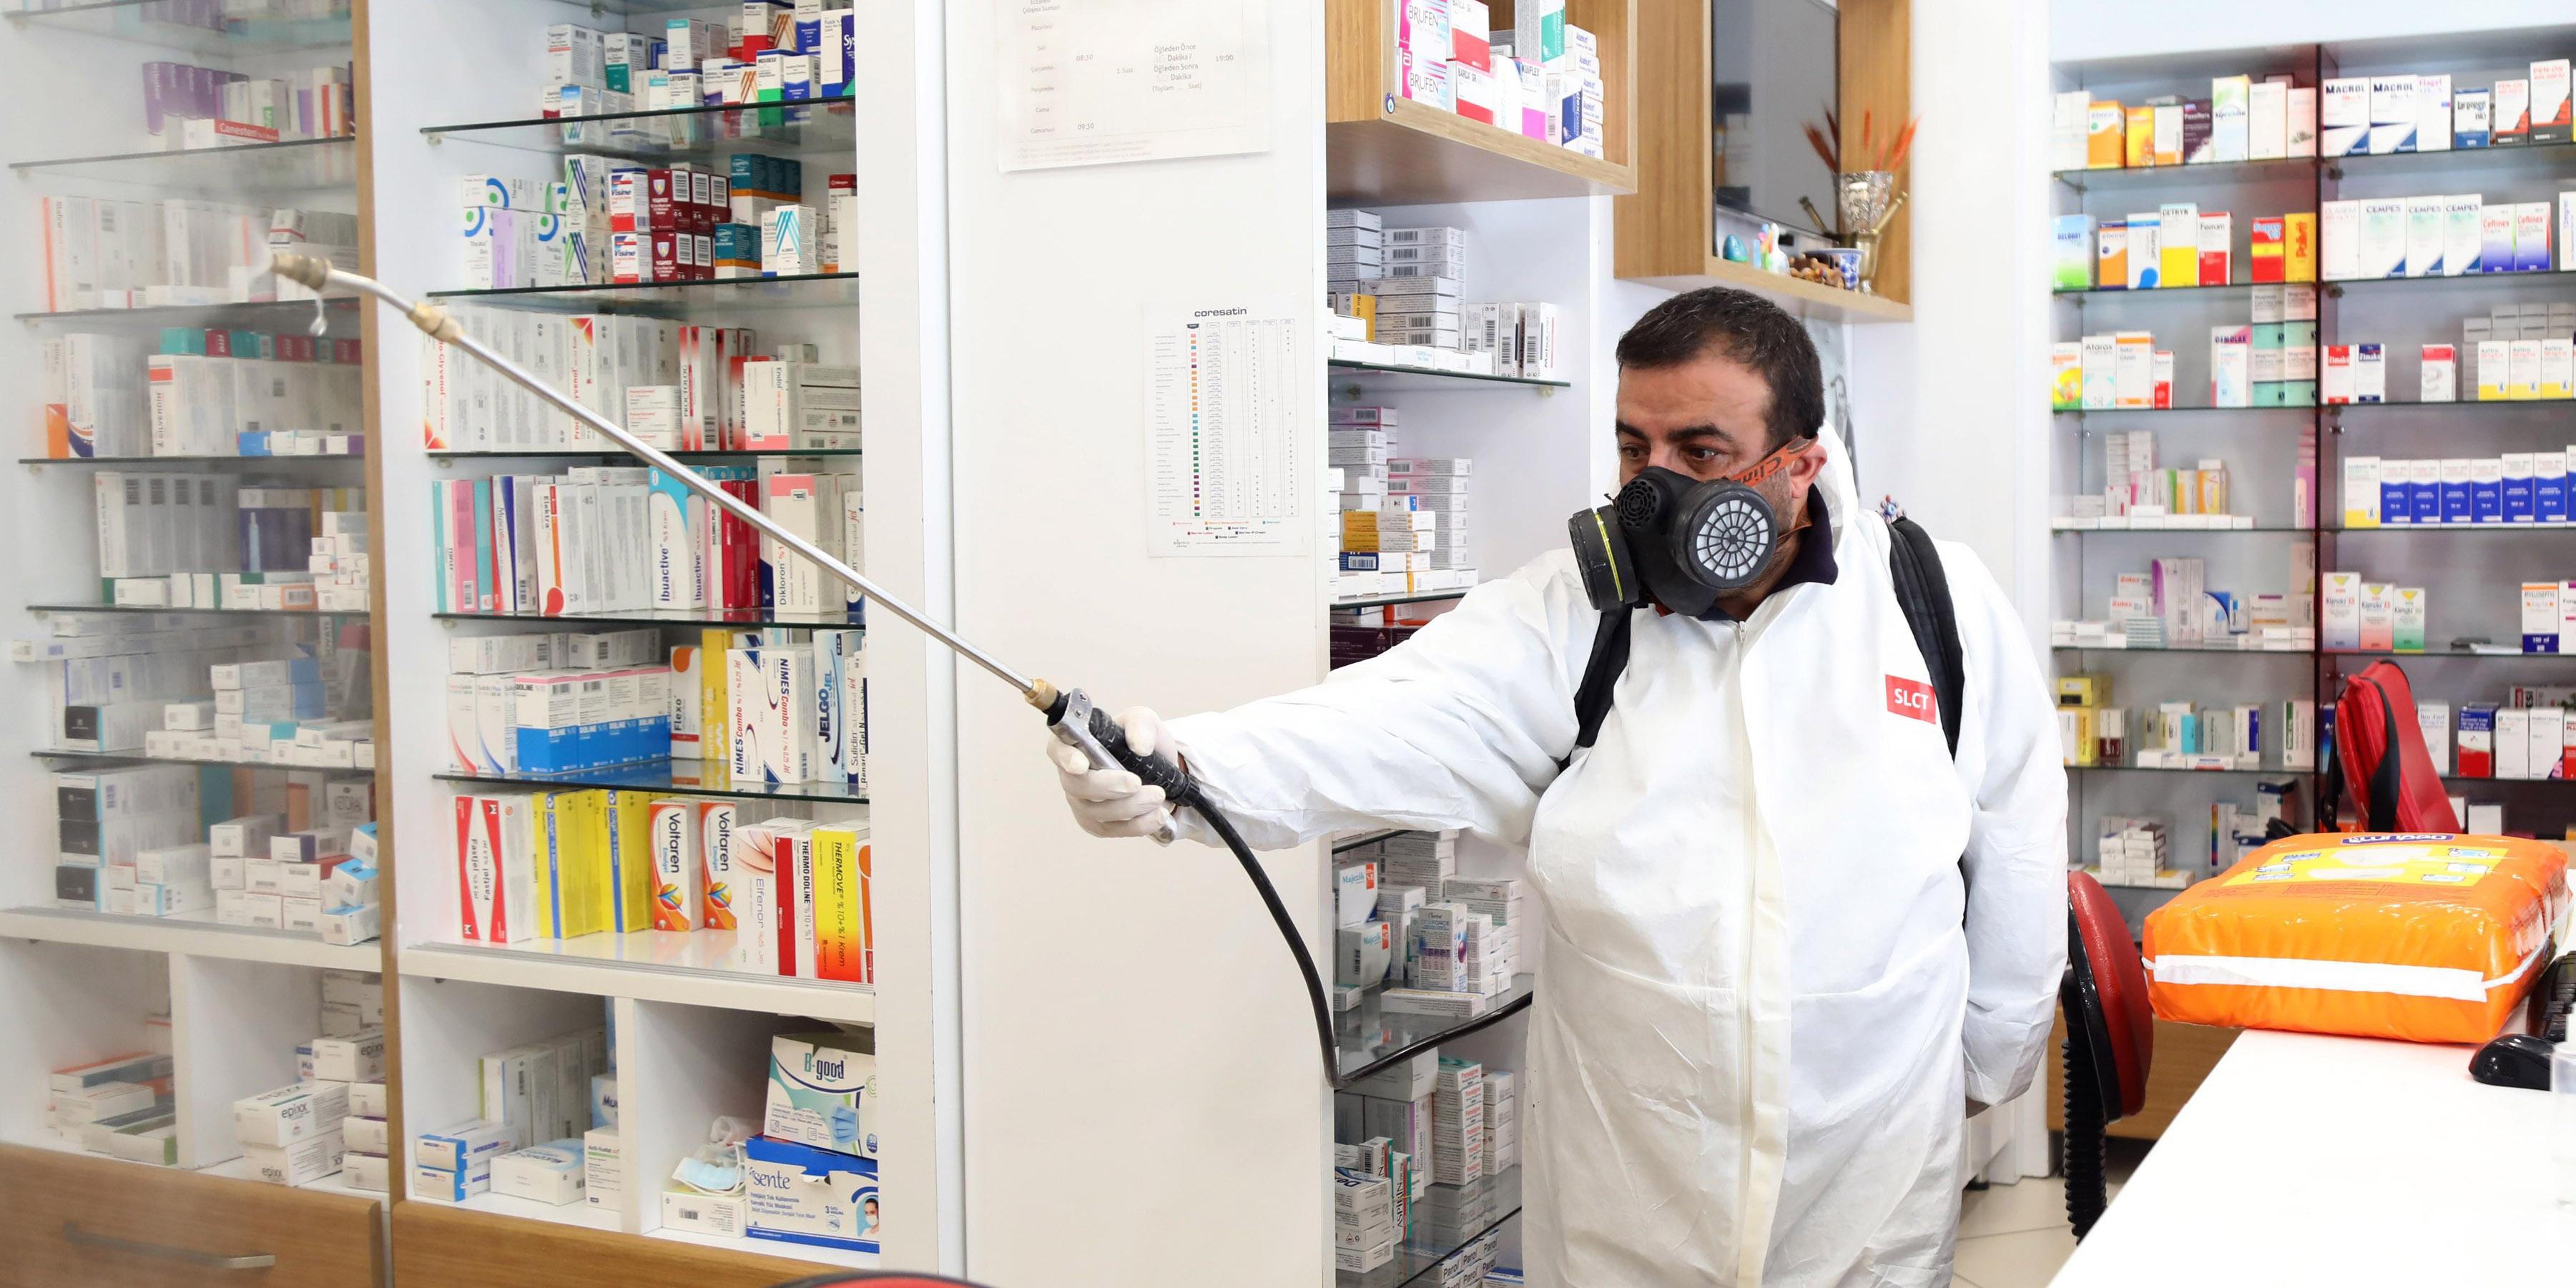 Çankaya Belediyesi'nden dezenfekte çalışması